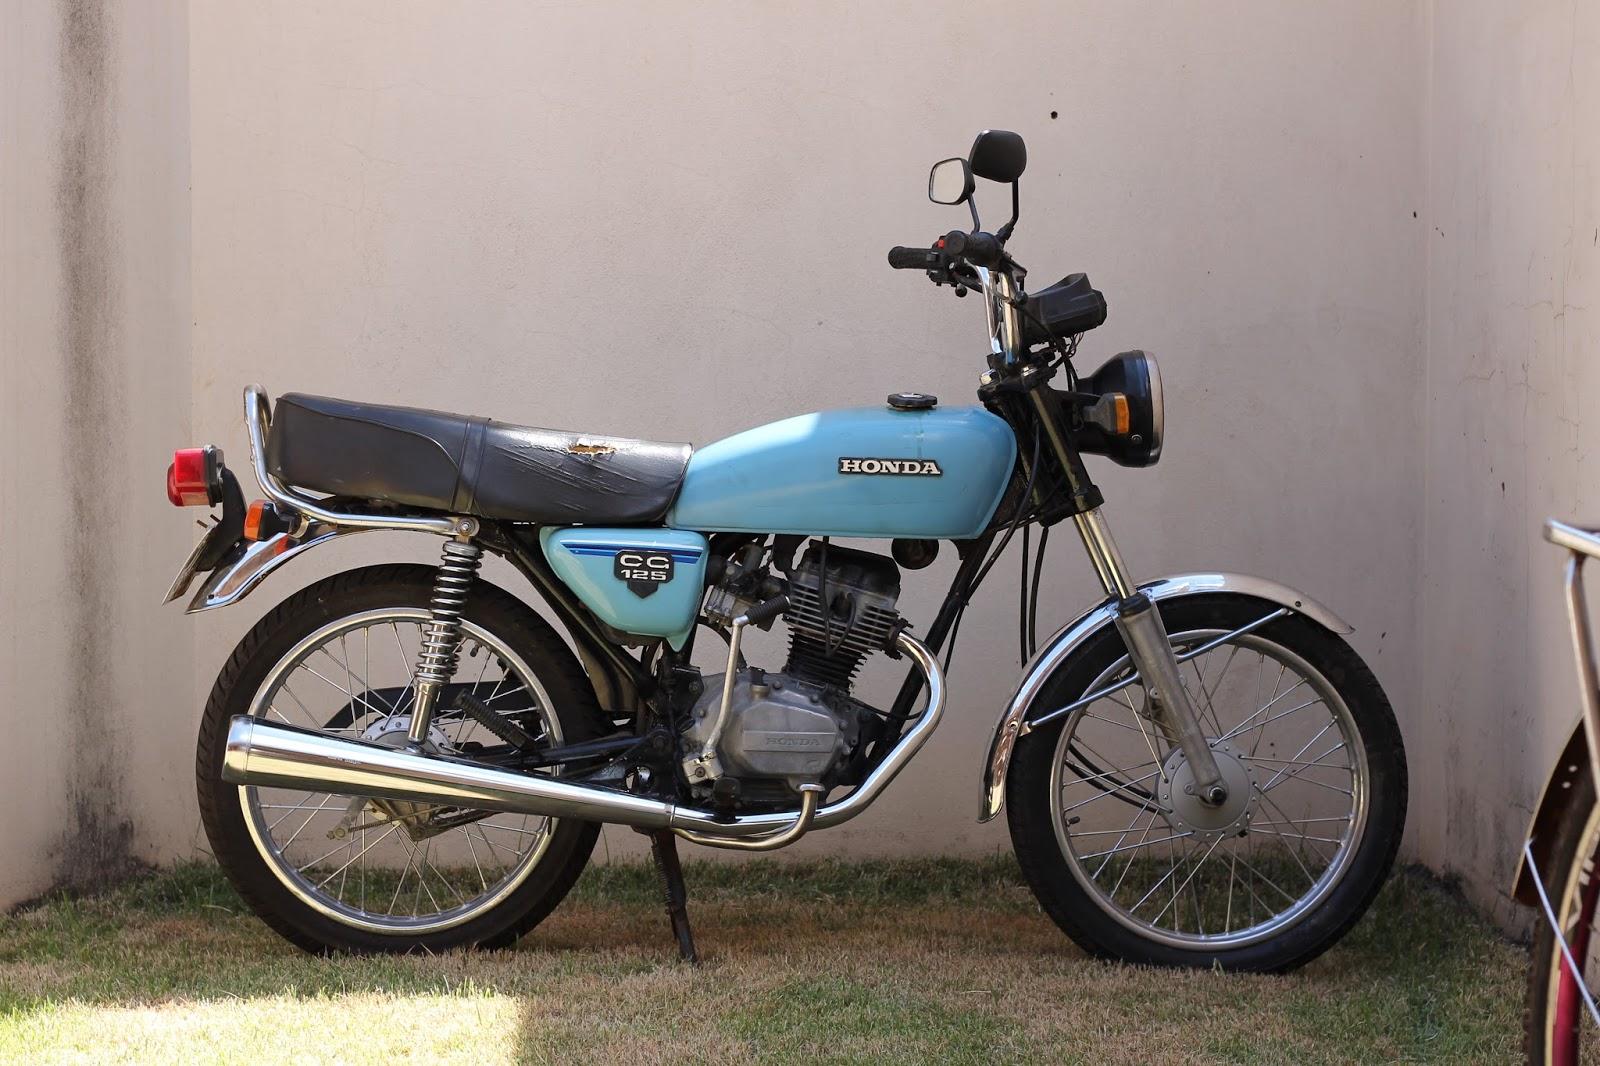 U Uau Uau >> Cafe Racer de fábrica com Honda CG 125 1980 - Fernando Casado | Garagem Cafe Racer